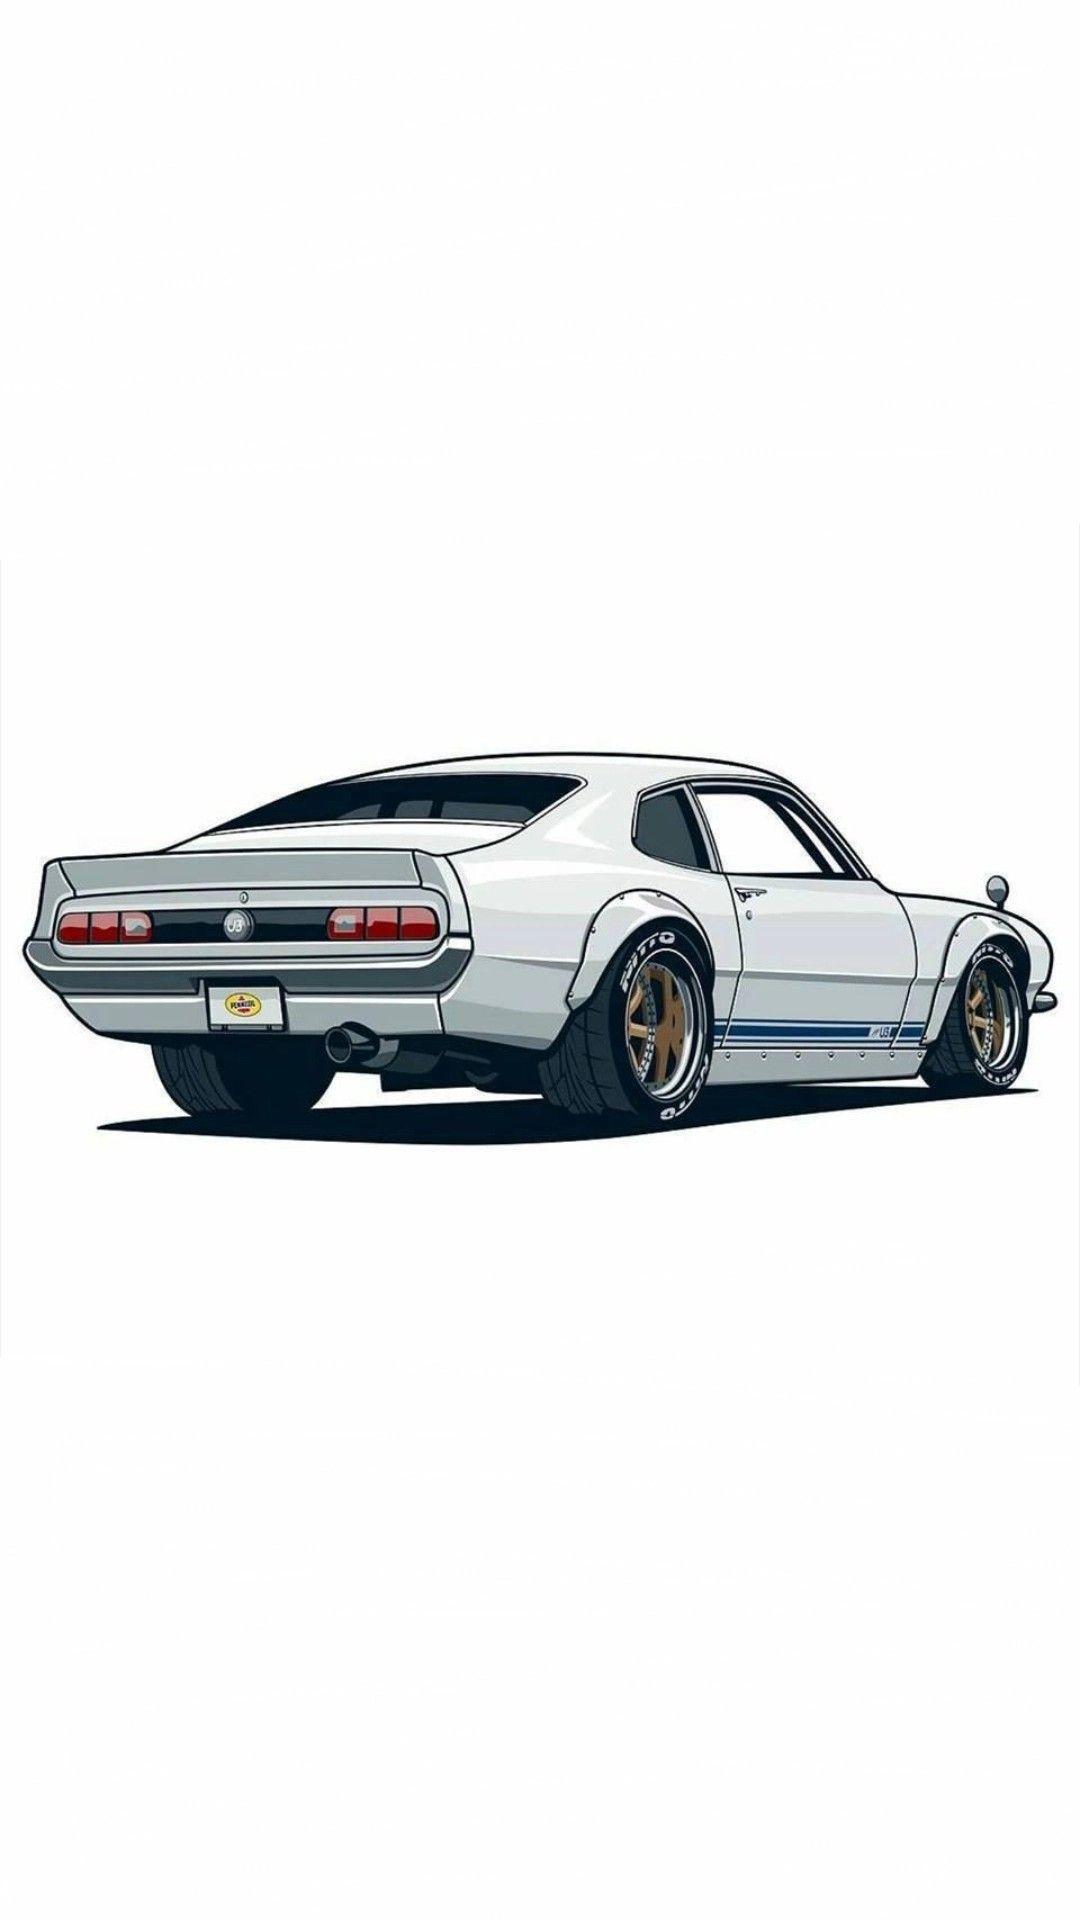 Pin De Leon Toretto En Motor Fondos De Pantalla De Coches